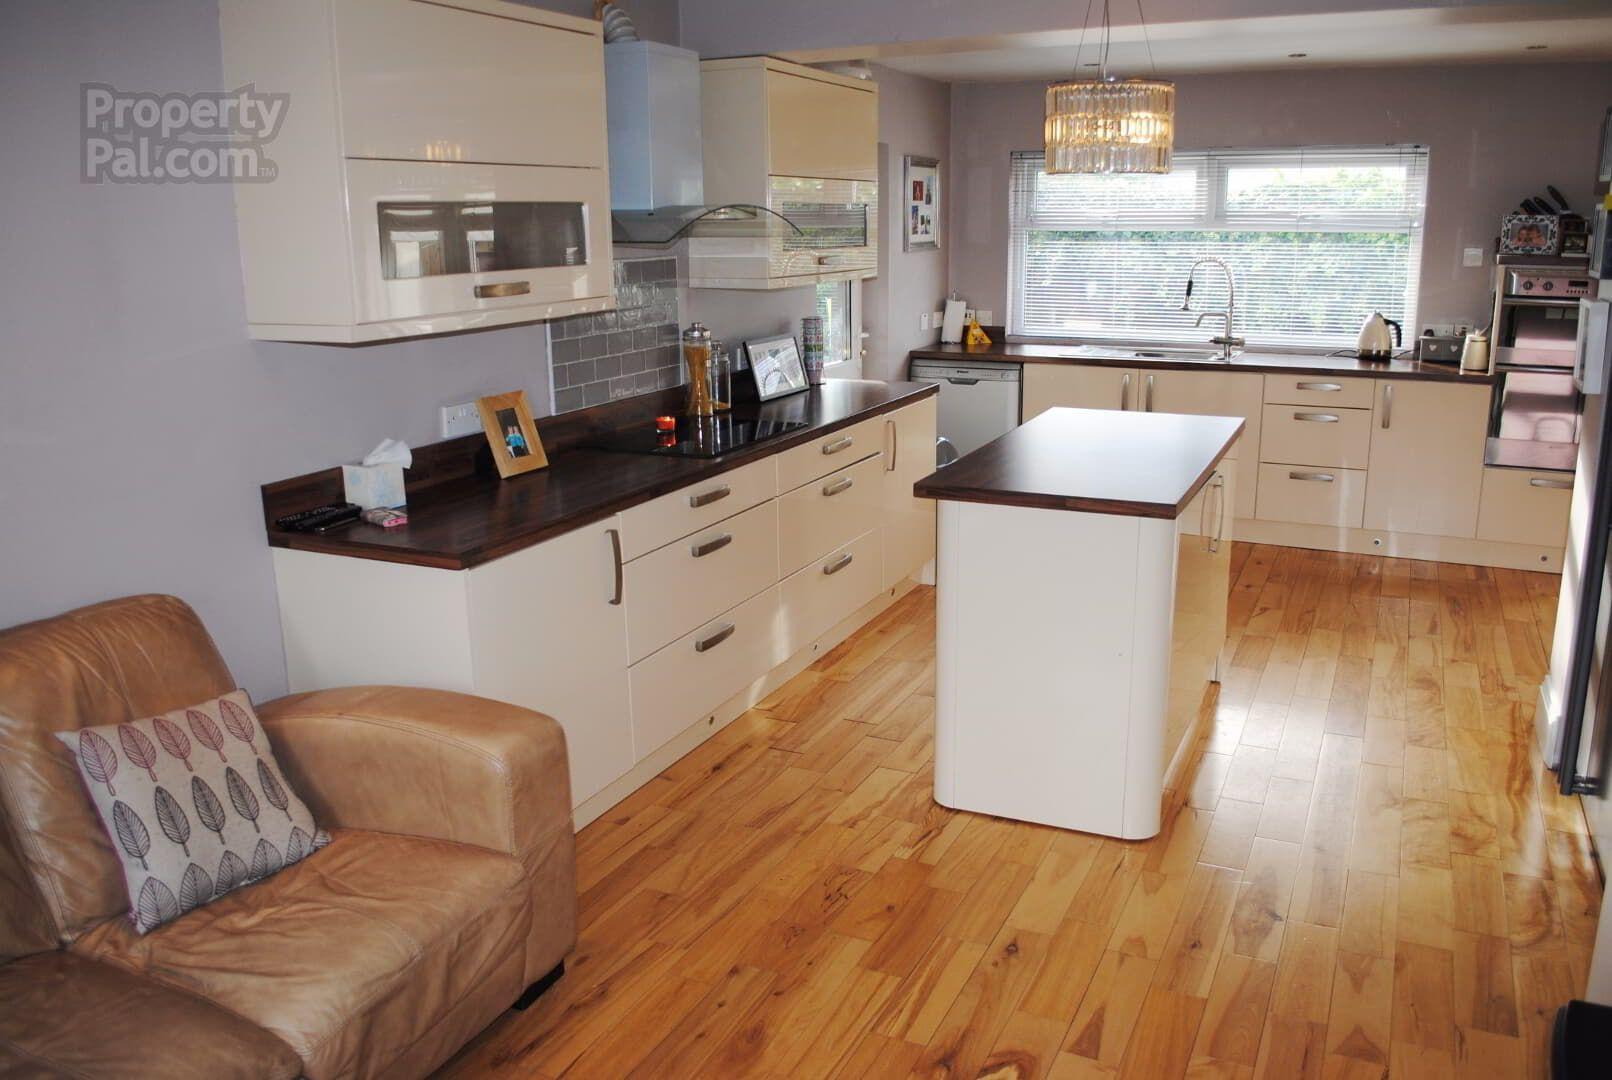 145 Gilnahirk Road, Belfast kitchen One bedroom